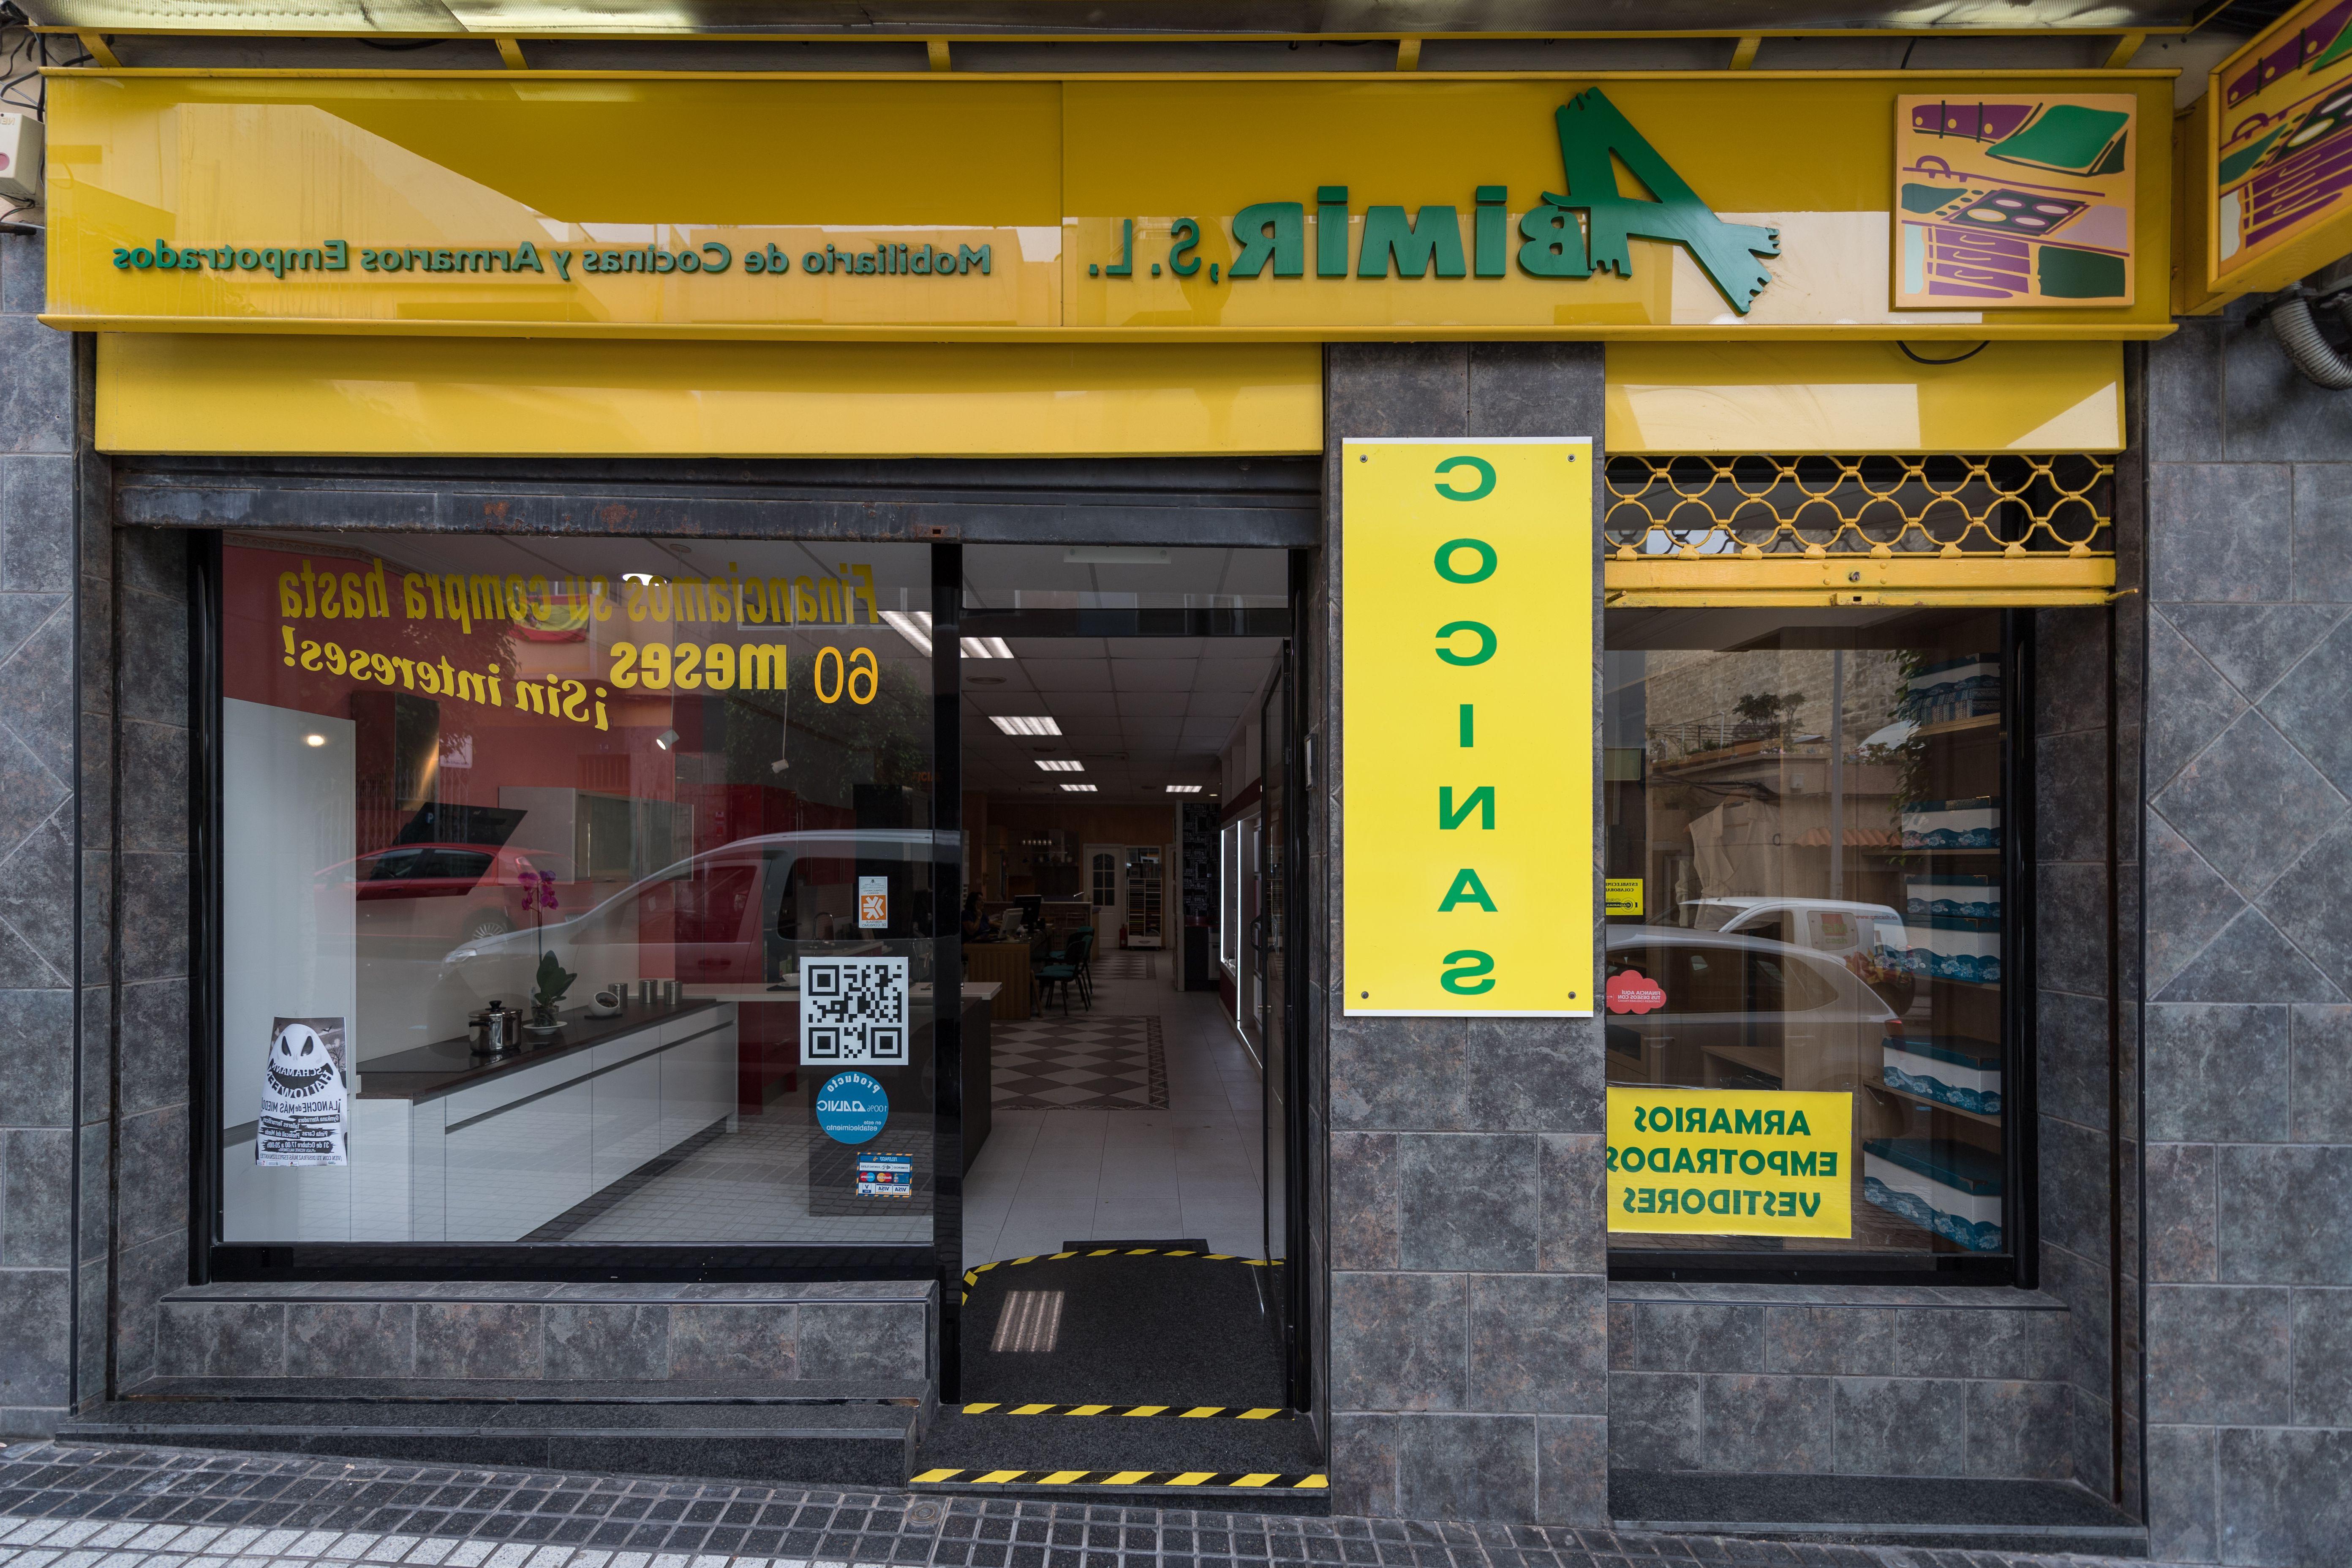 Tiendas Muebles Las Palmas Nkde Foto 3 De Muebles De Baà O Y Cocina En Las Palmas De Gran Canaria